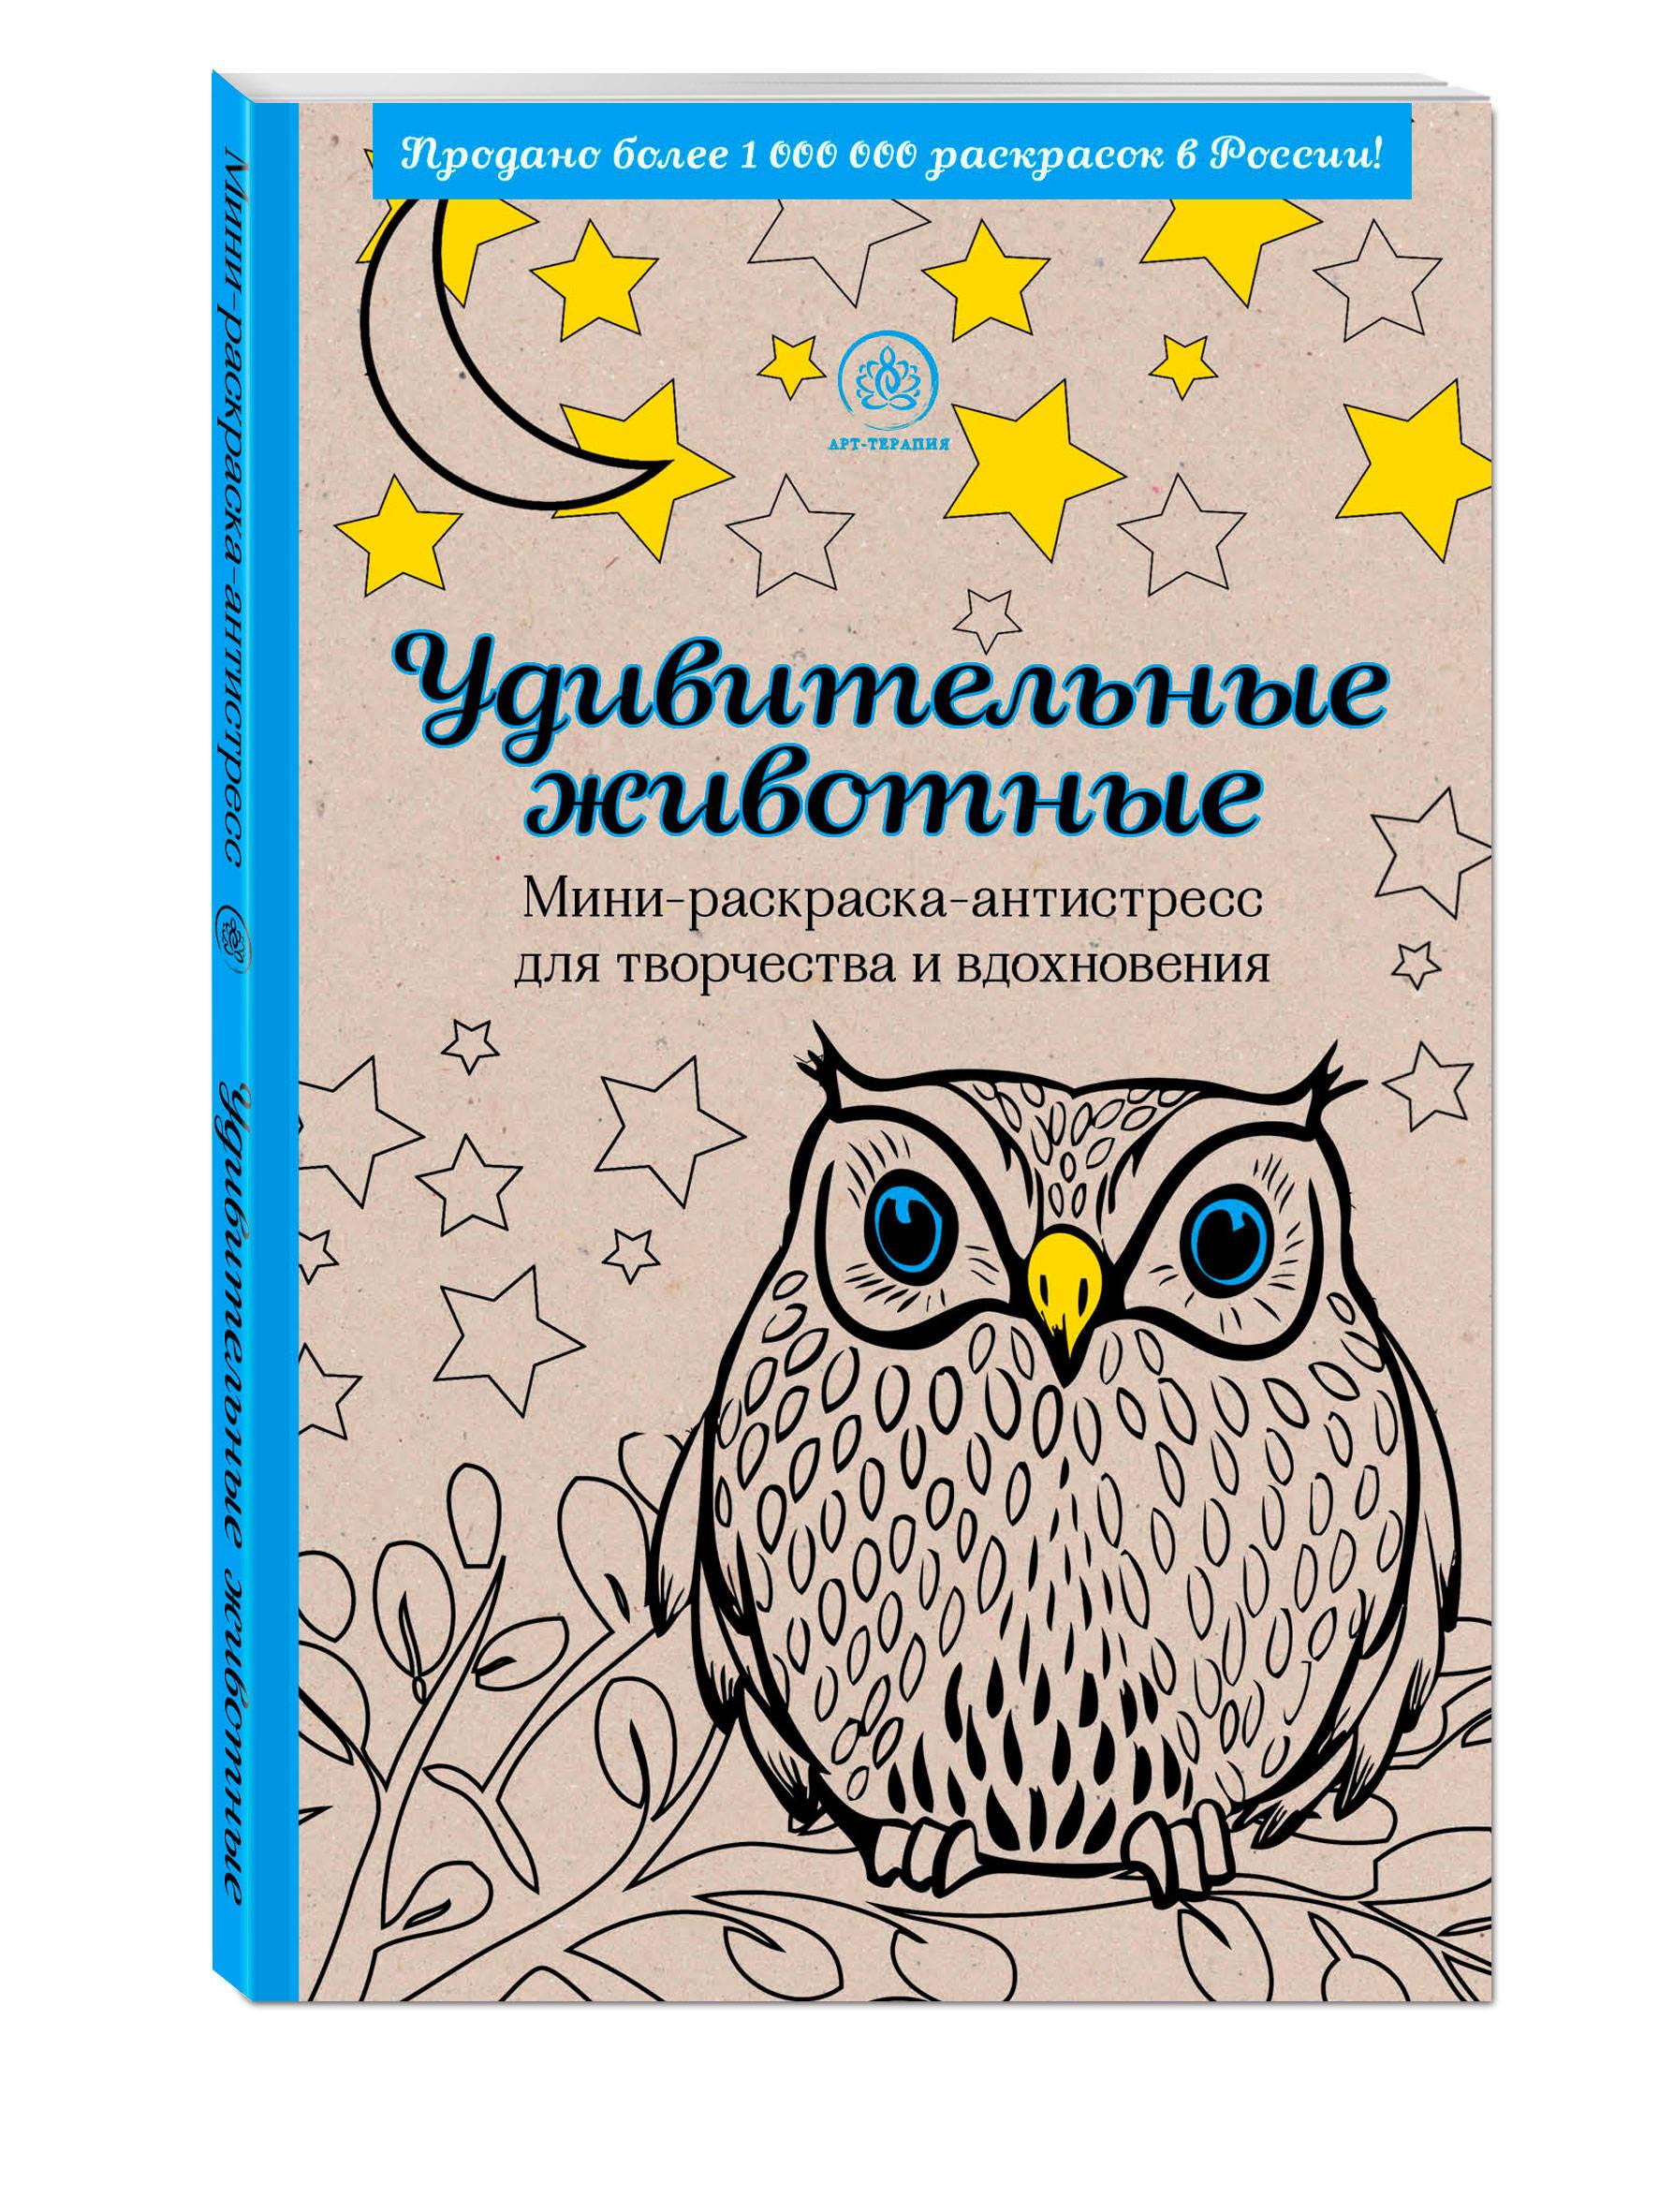 Удивительные животные. Мини-раскраска-антистресс для творчества и вдохновения загадочные животные открытки антистресс